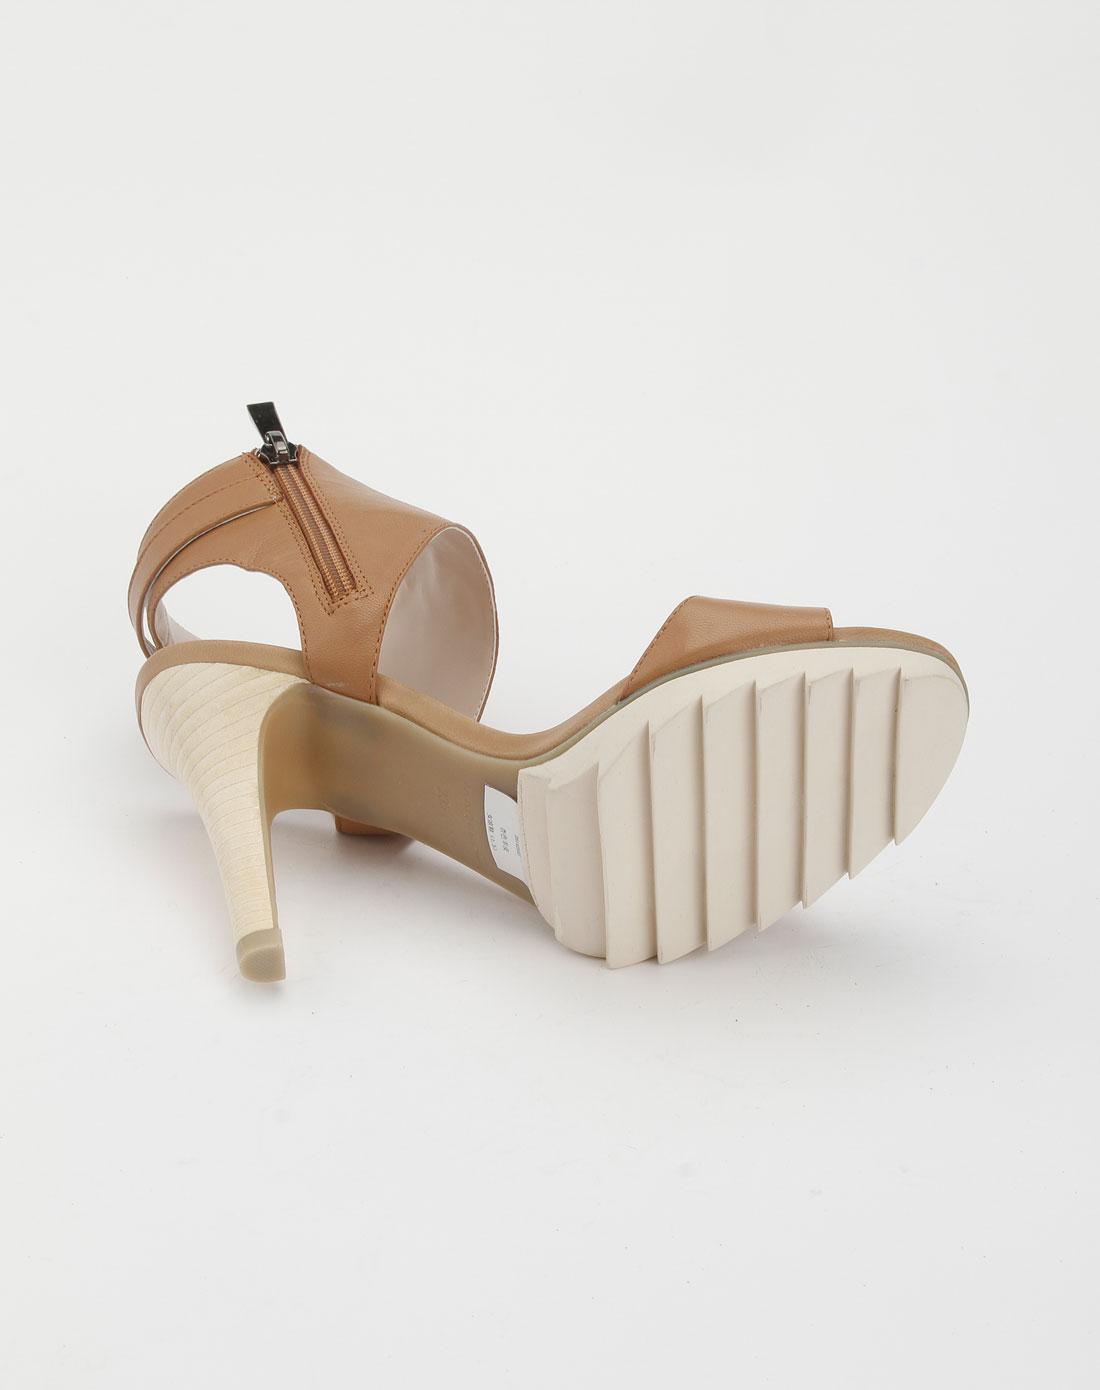 蜜丝罗妮marchiori杏色个性高跟凉鞋26142552-0038